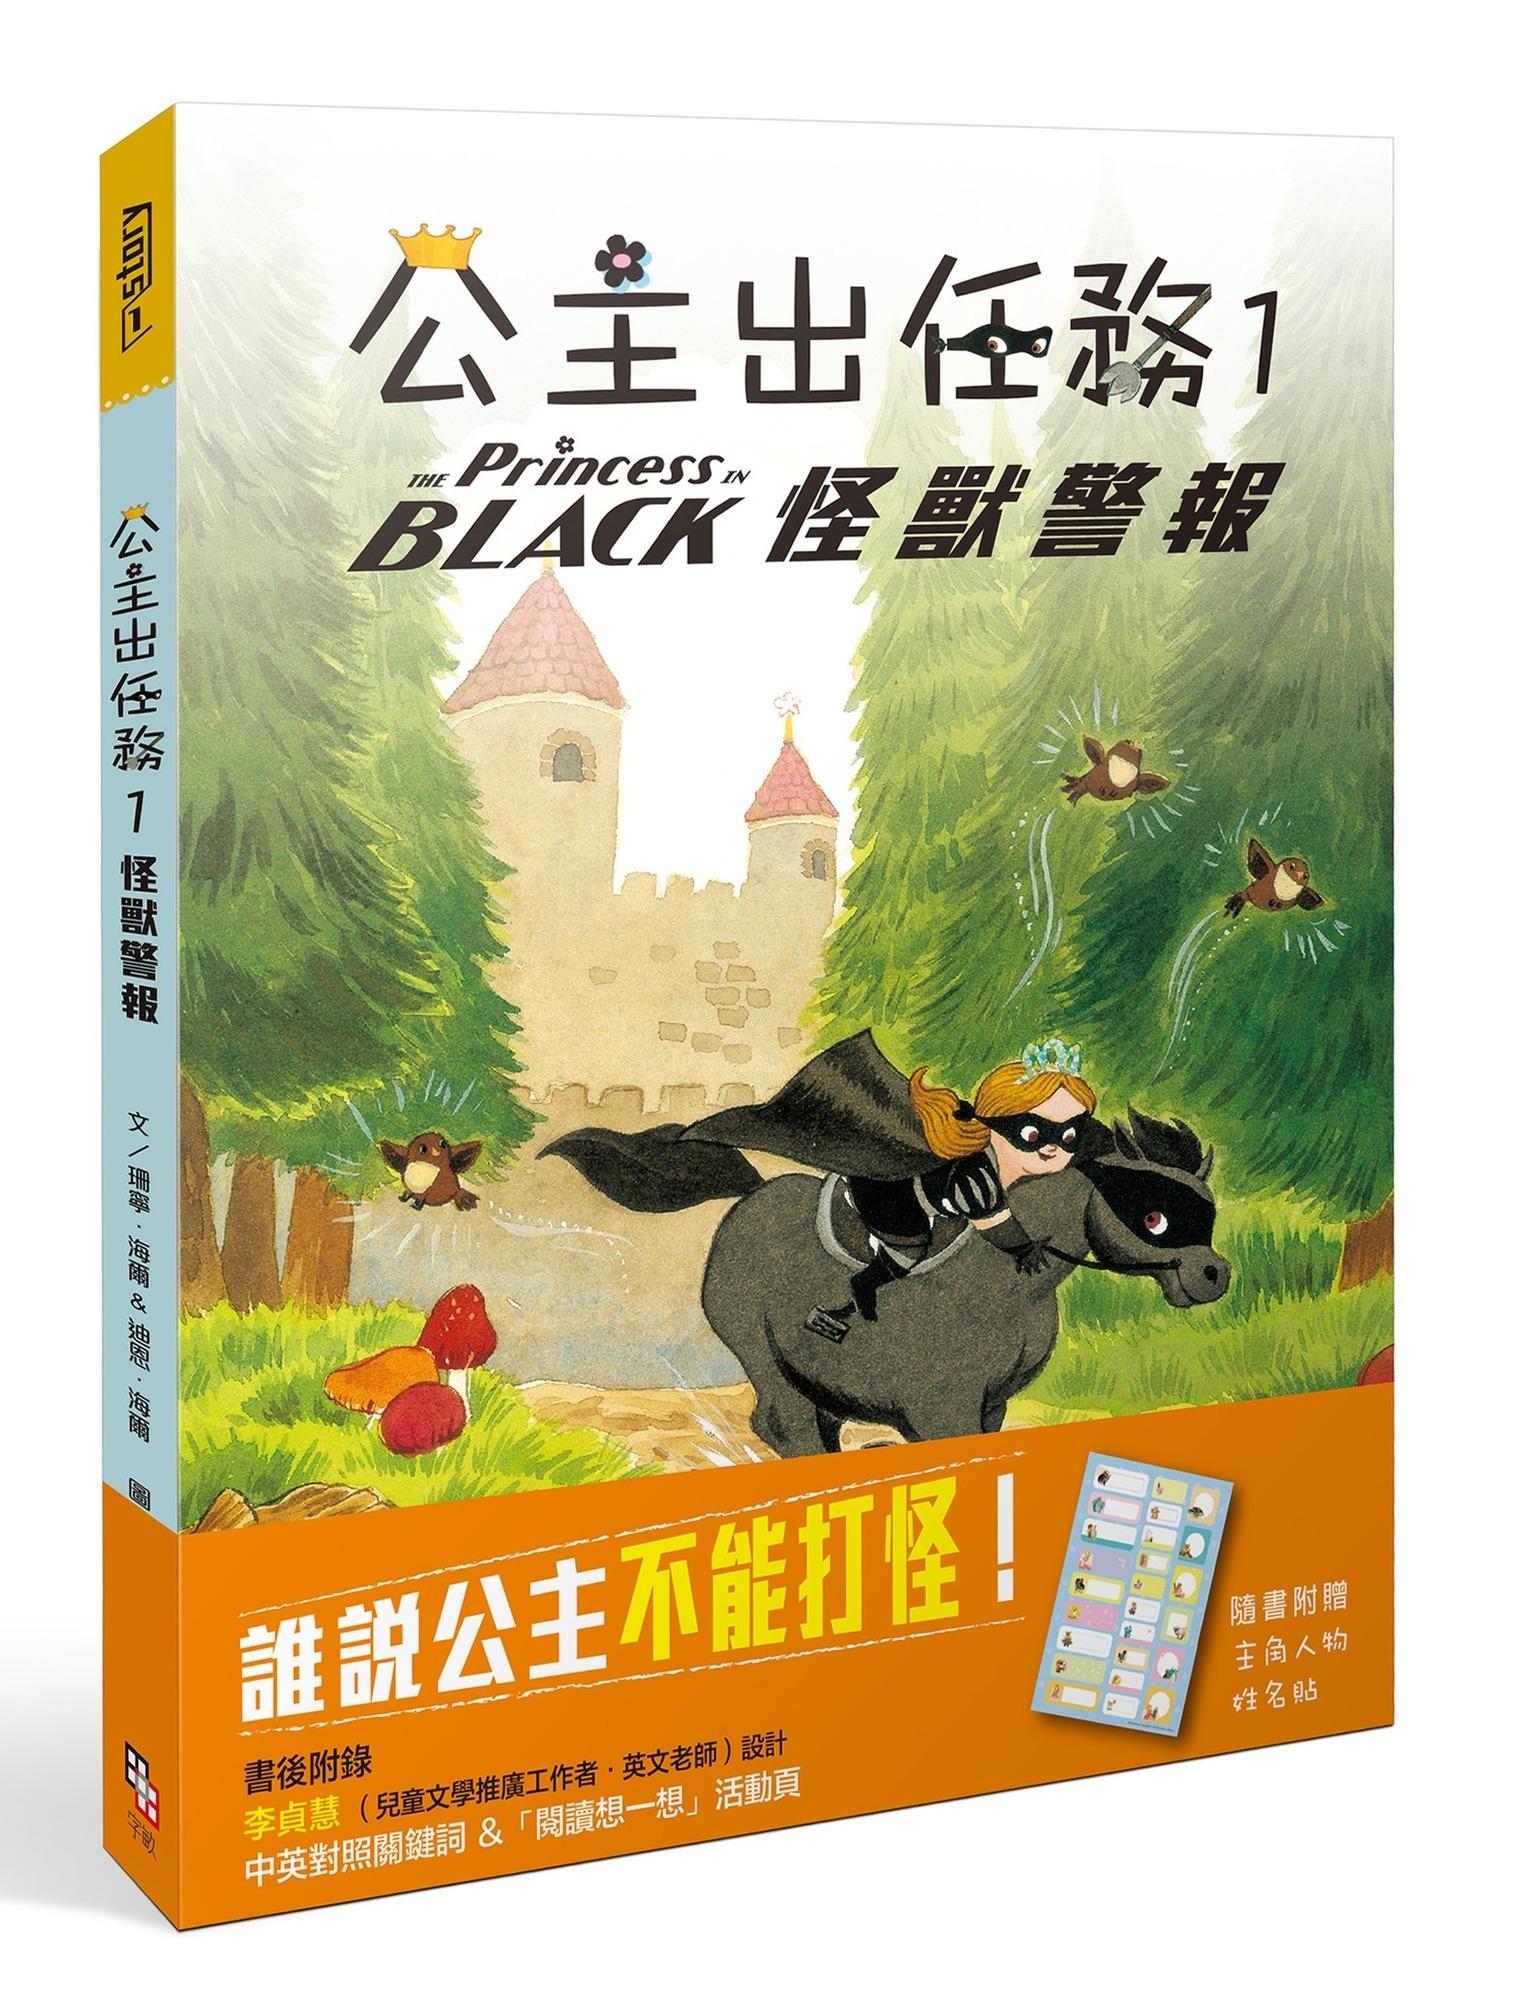 公主出任務01:怪獸警報( Princess In Black)封面圖